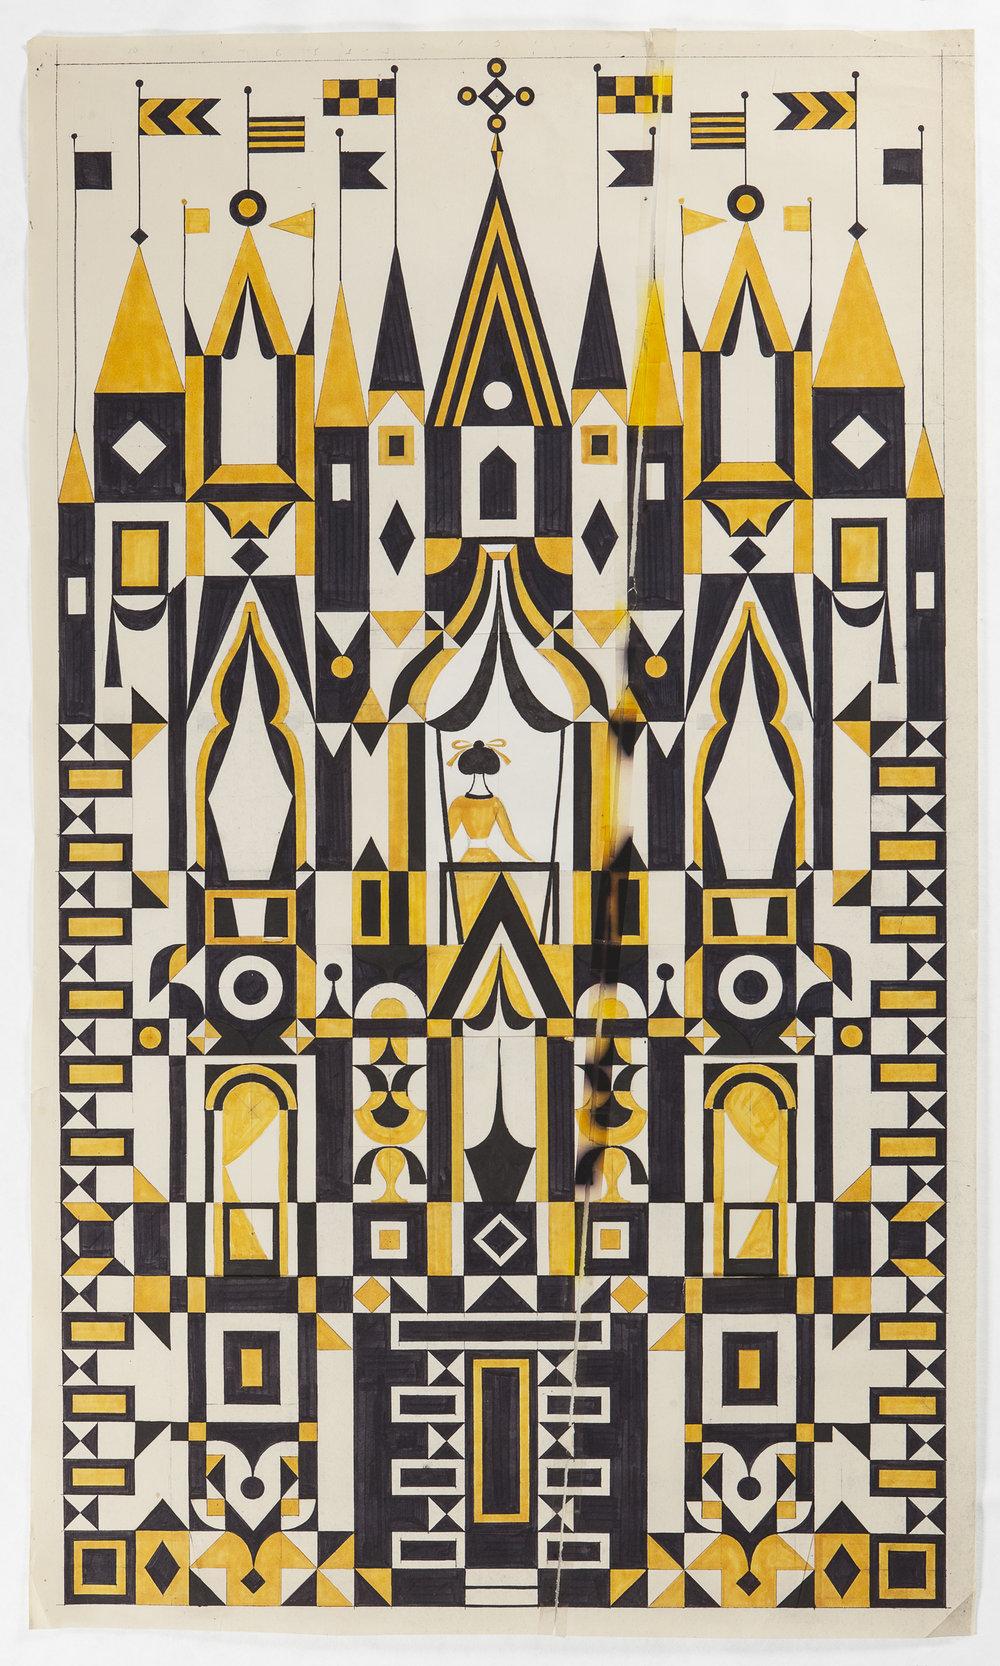 Diseño gráfico para panel de textil, 63 x 110,  Alexander Girard , principios de 1970 /Fotografía de Andreas Sütterlin, cortesía del patrimonio de Alexander Girard y de Vitra Design Museum, Alemania.